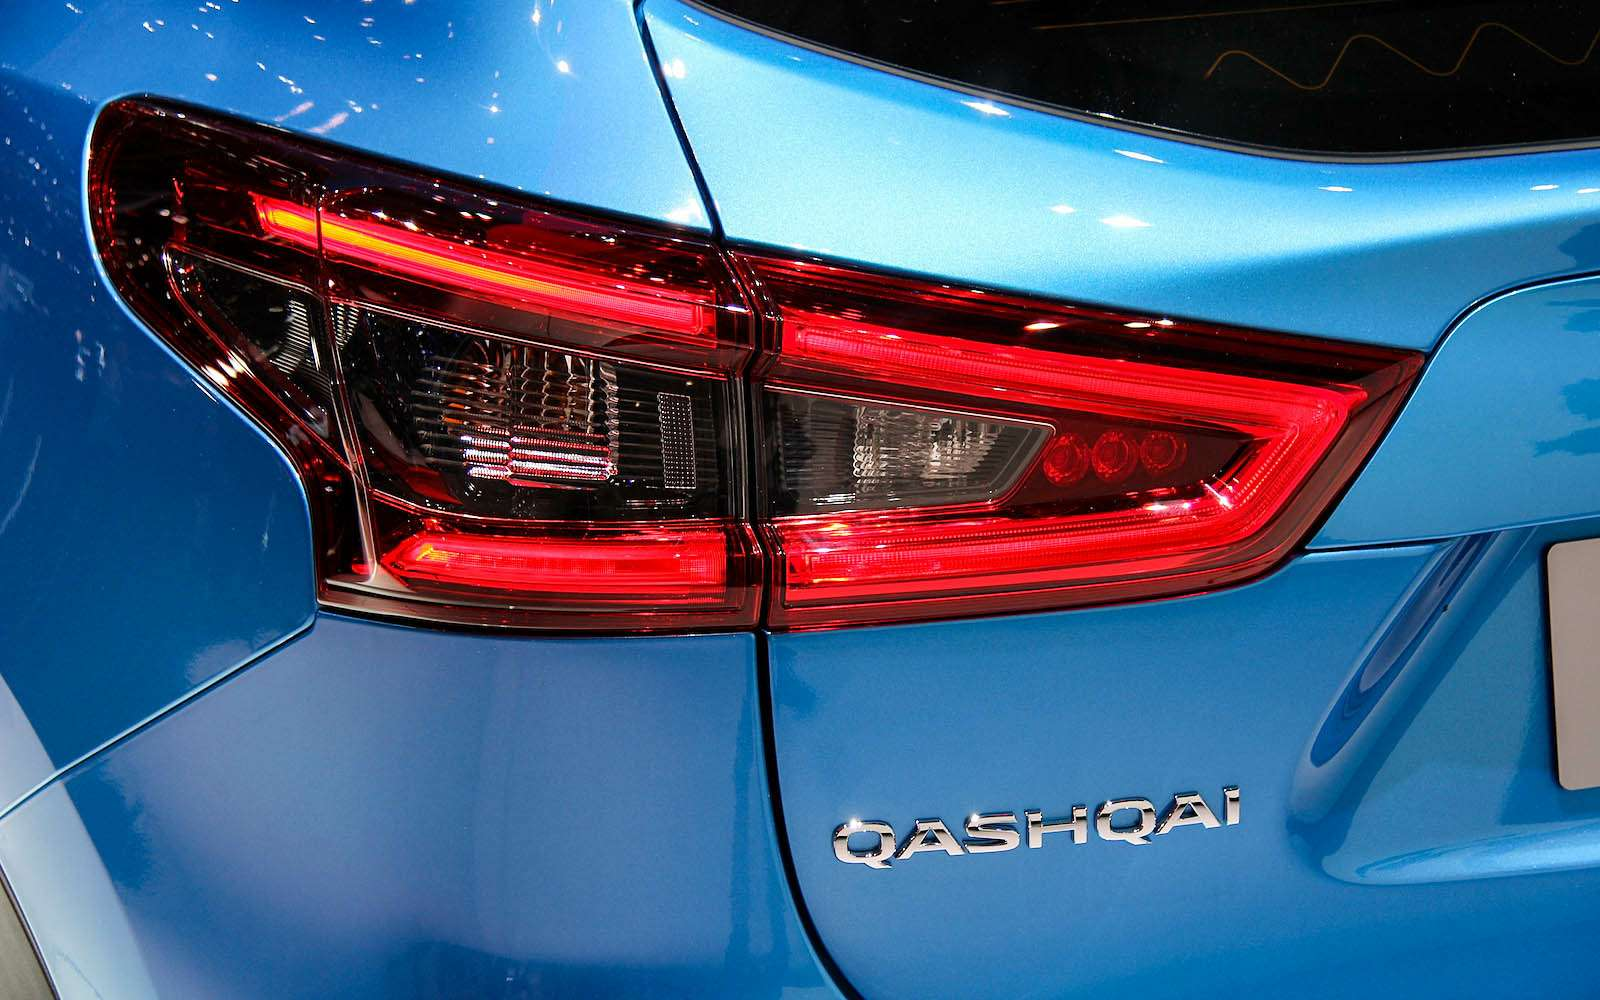 Обновленный Nissan Qashqai: европейский бестселлер самериканским лицом— фото 717727